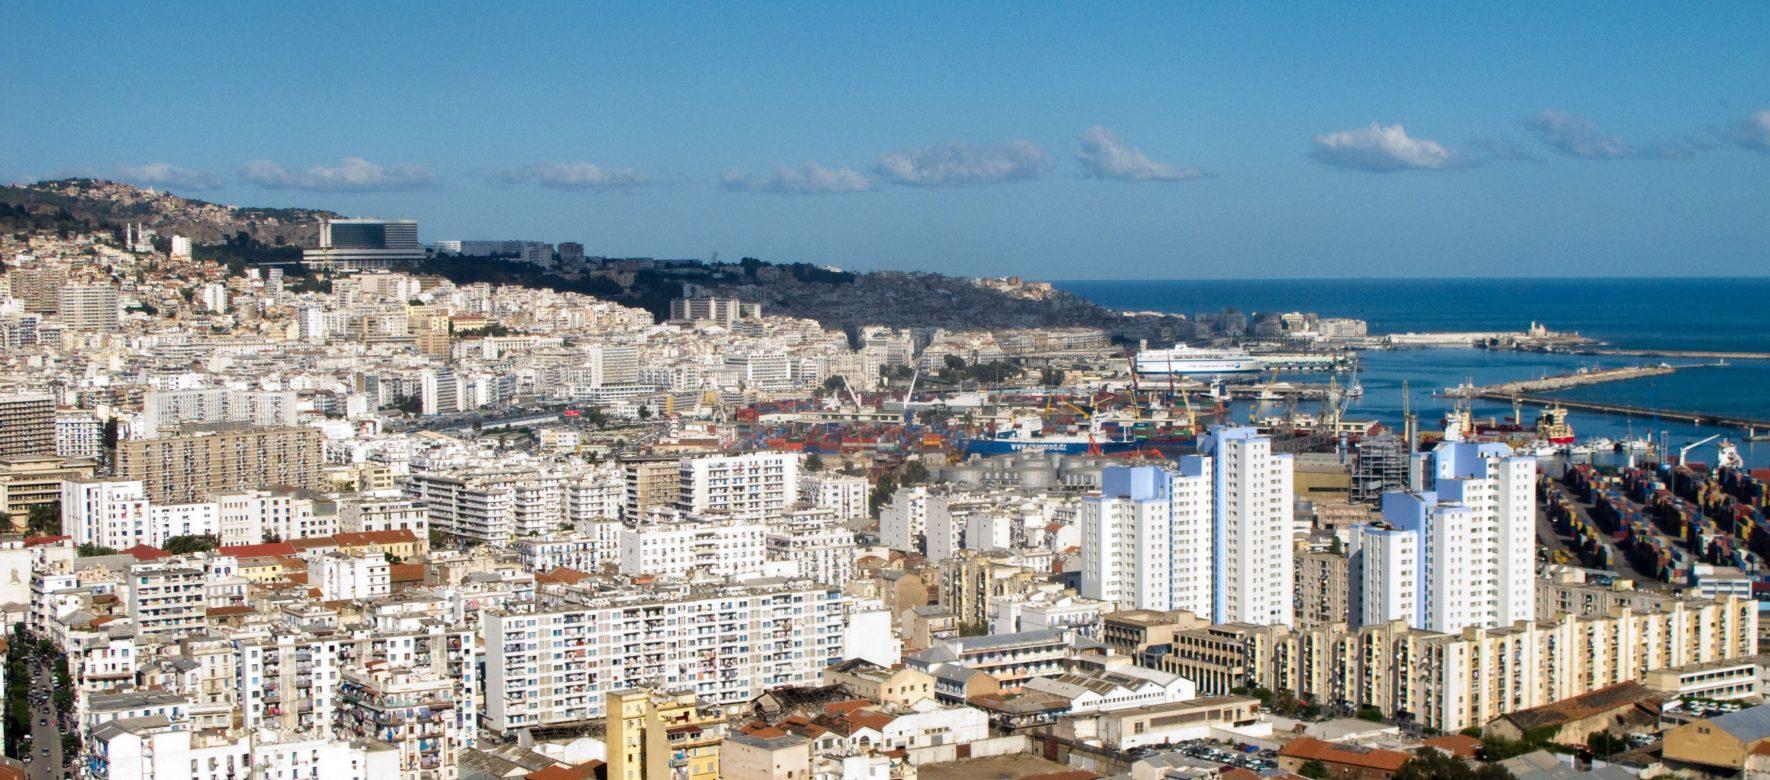 Algérie : le budget finance de 2018 met l'accent sur l'aménagement de l'urbanisme